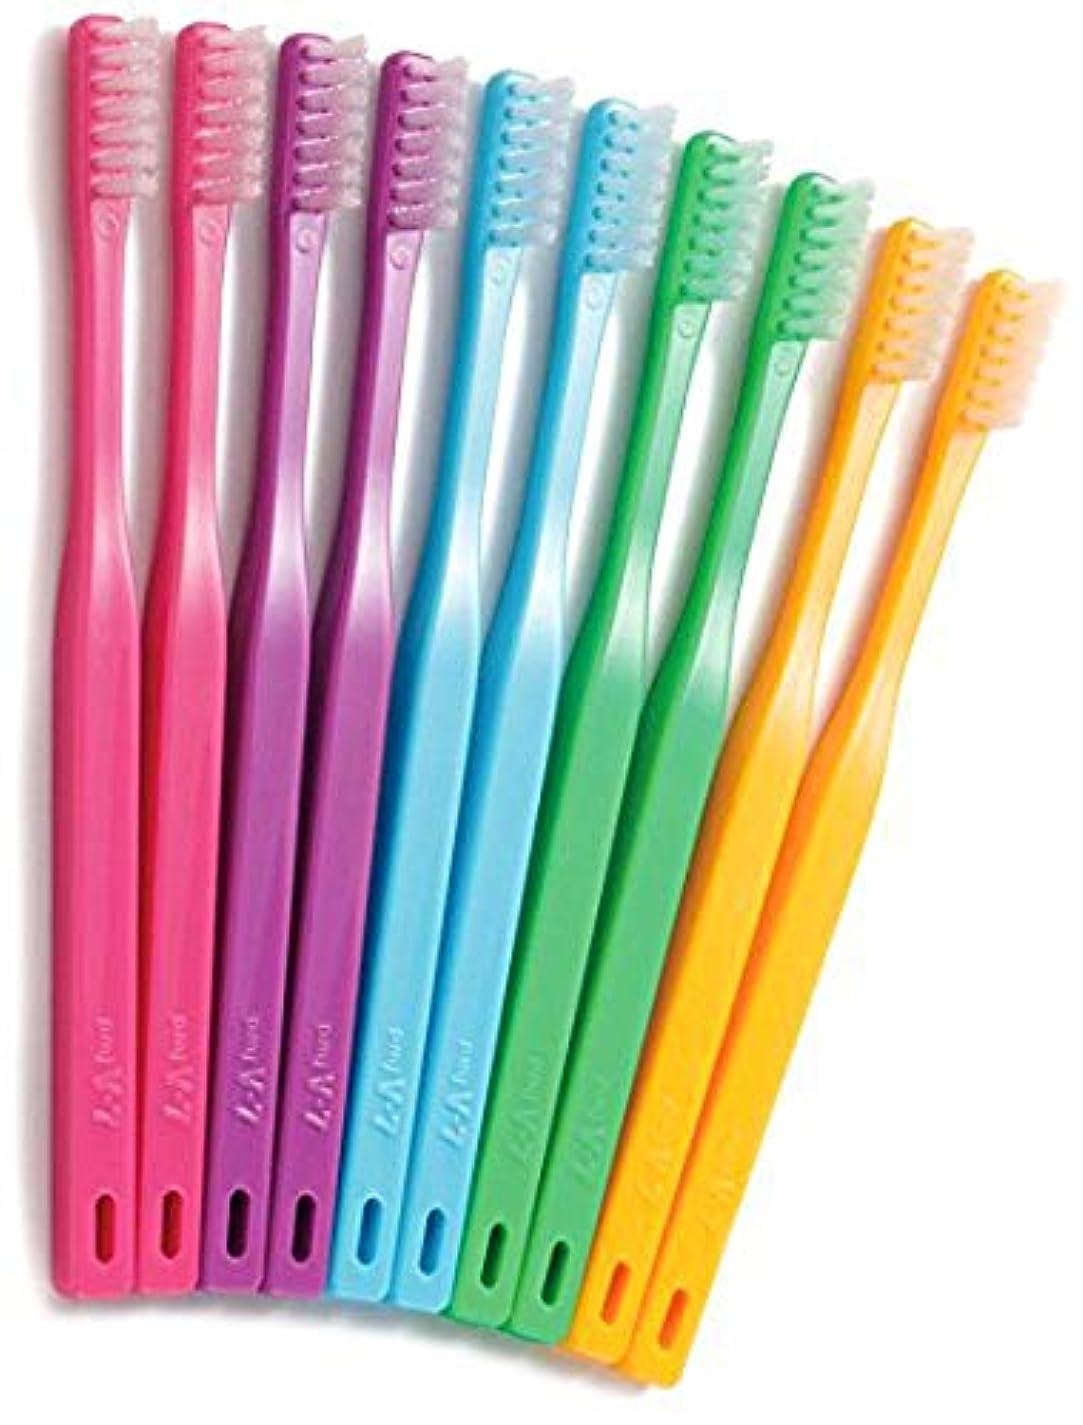 柔らかい見えない私たち自身つまようじ法歯ブラシ V-7 ビビッドカラー レギュラーヘッド 1本